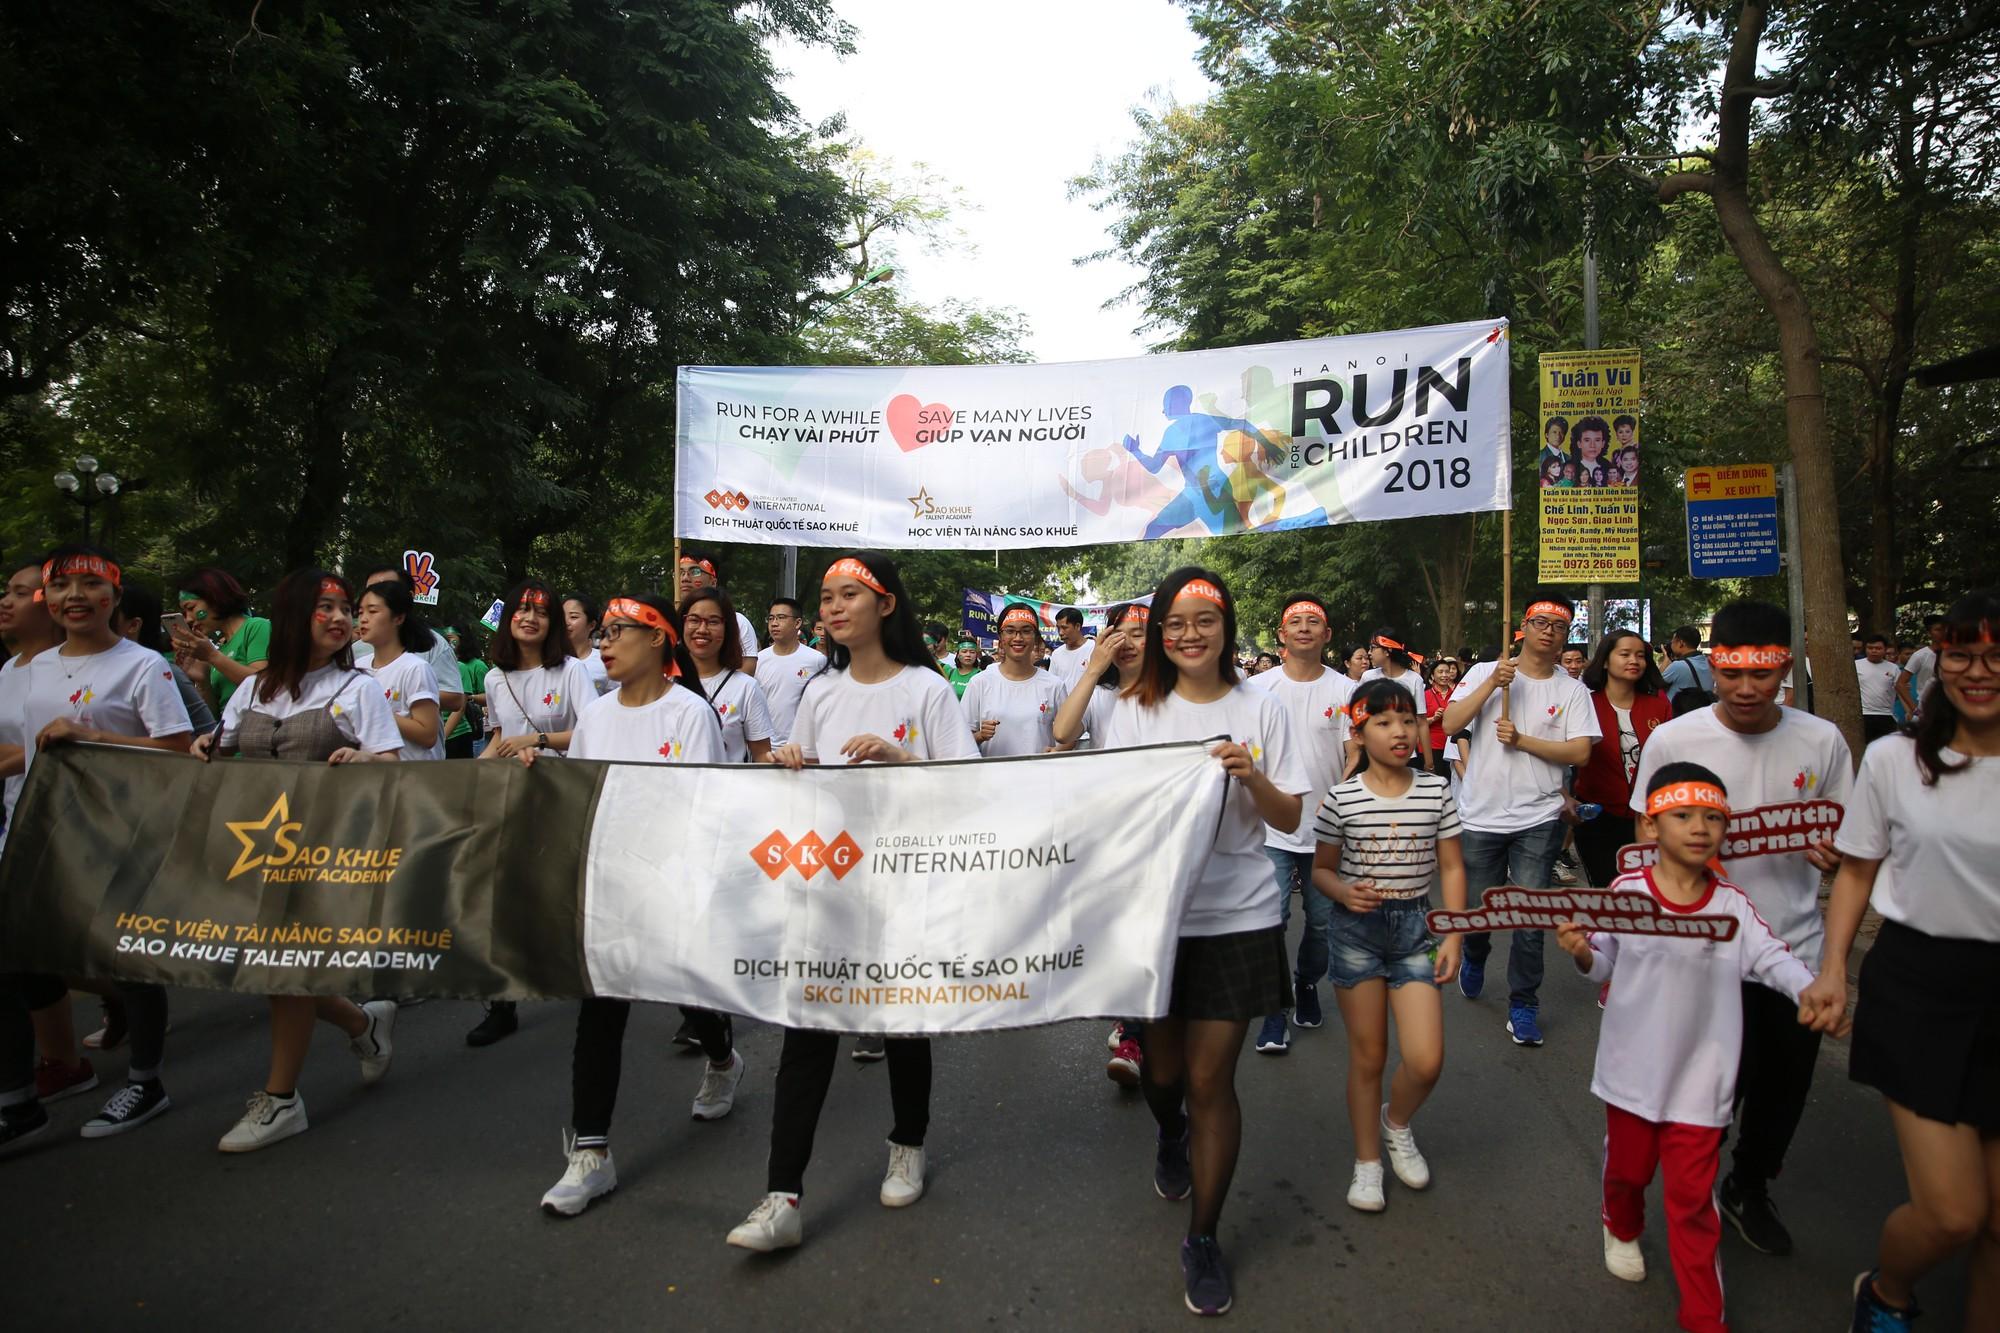 Chạy vì trẻ em Hà Nội 2018 thu hút hàng nghìn người tham dự, quyên góp hơn 1 tỷ đồng - Ảnh 17.